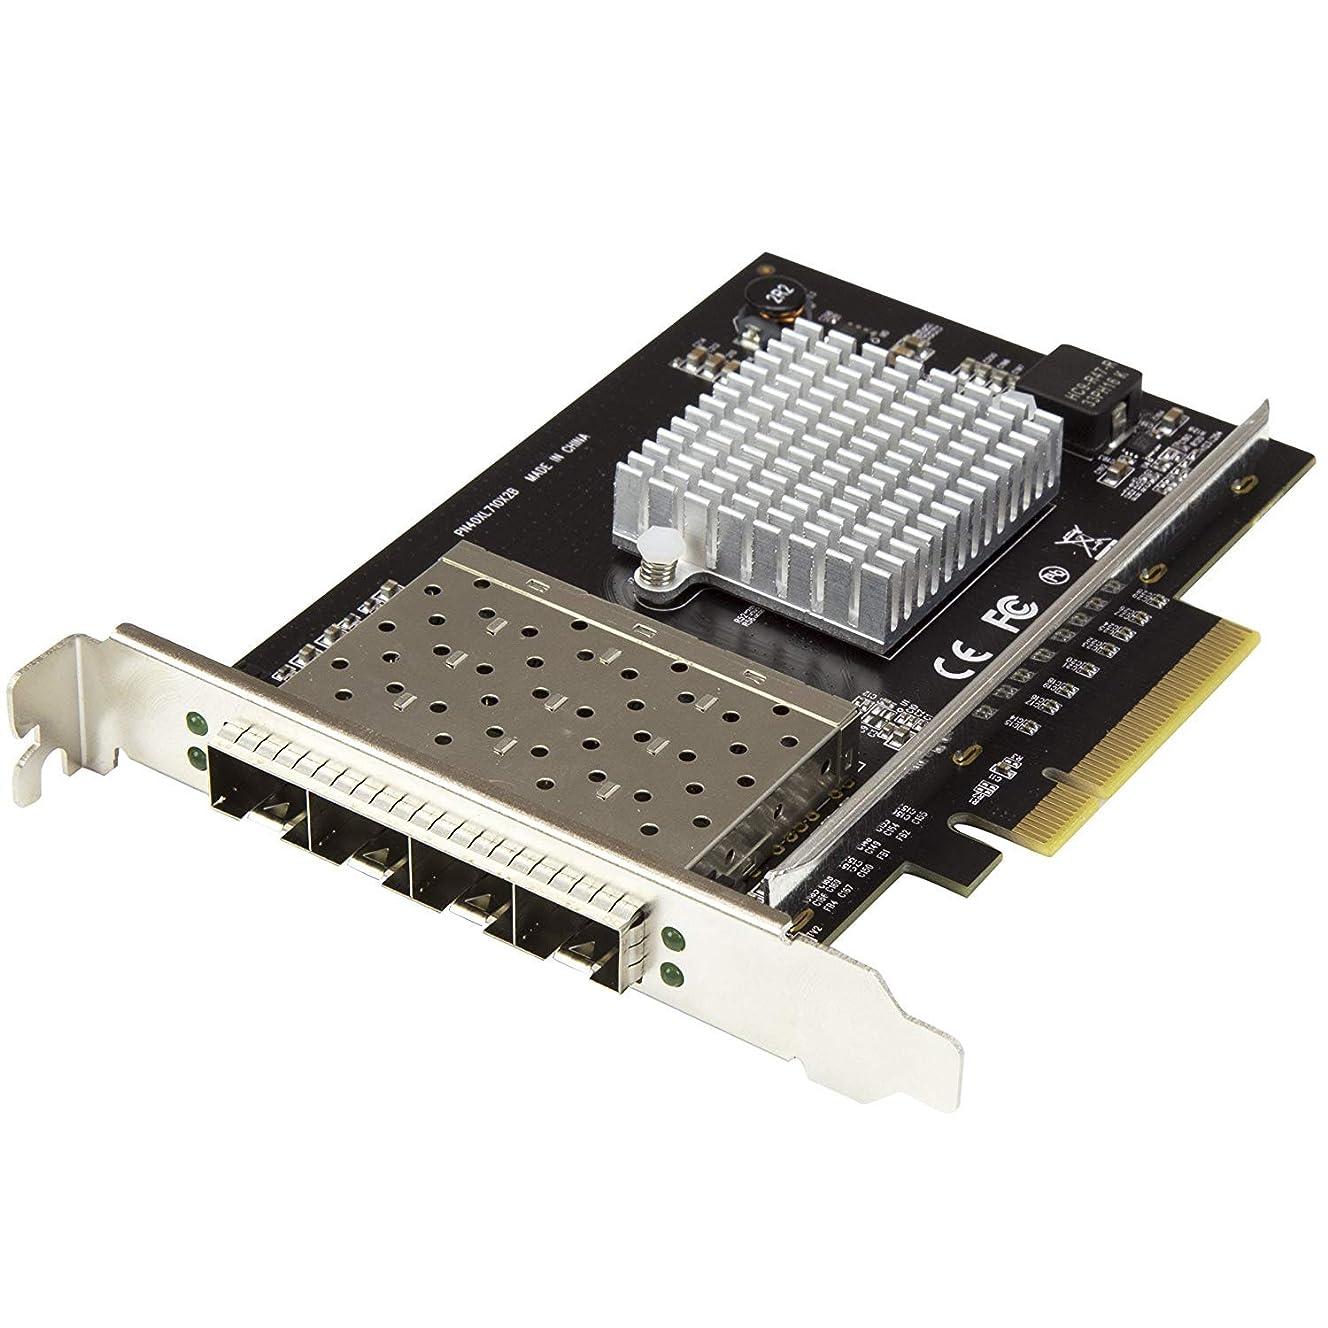 私達艶曲げるStarTech.com 10ギガビットイーサネット対応4ポートSFP+搭載光ファイバーネットワークカード PCI Express接続 Intel XL710チップ搭載 PEX10GSFP4I